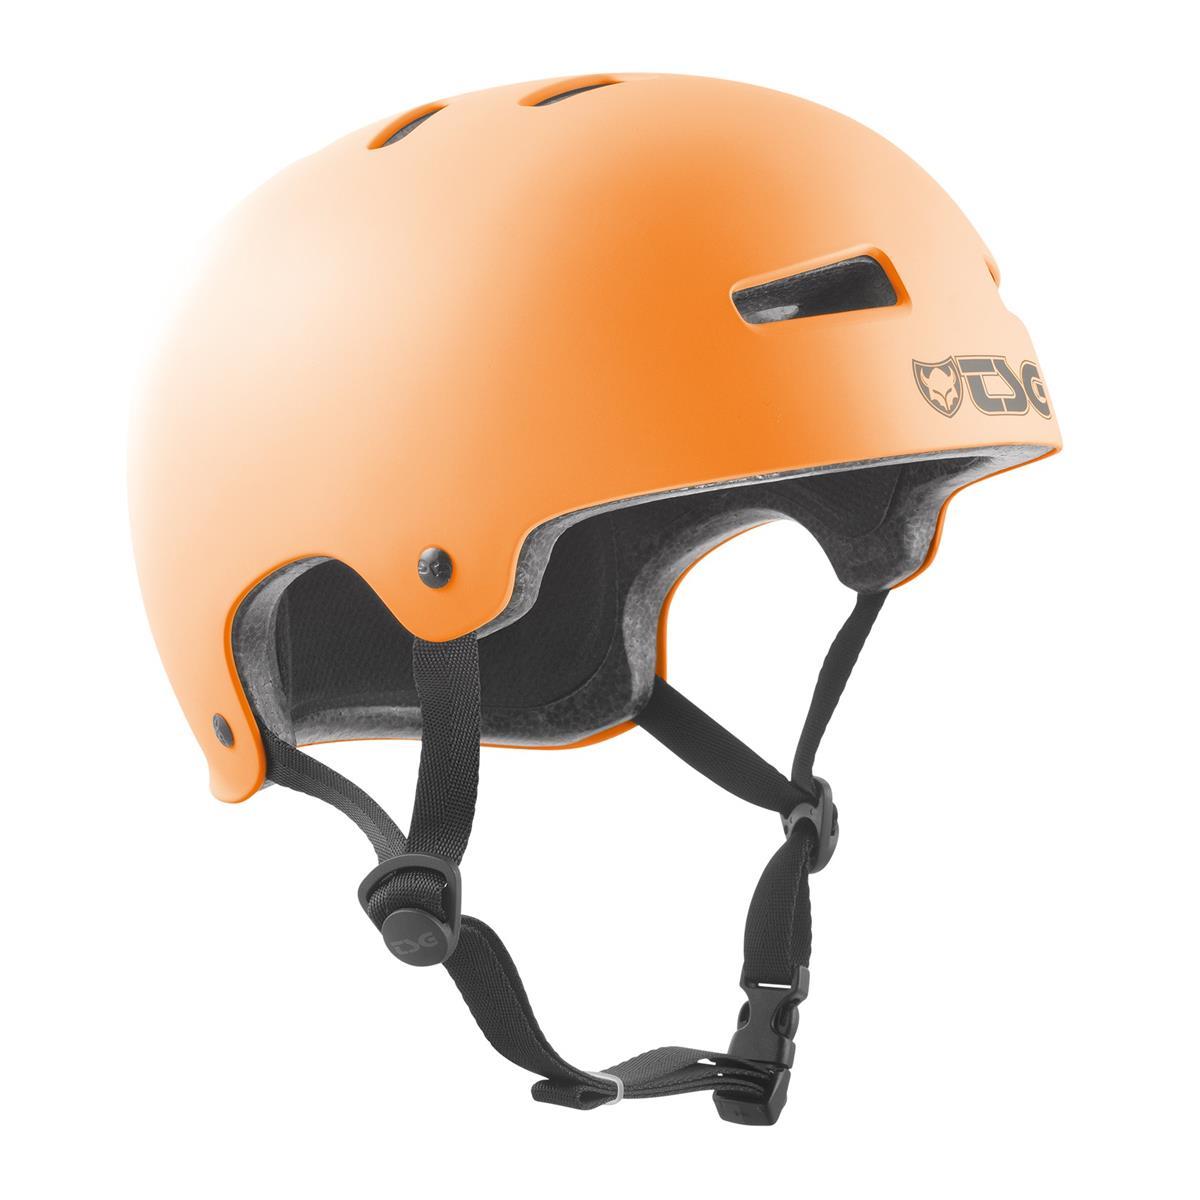 TSG BMX/Dirt Helm Evolution Solid Color - Satin Acid Orange